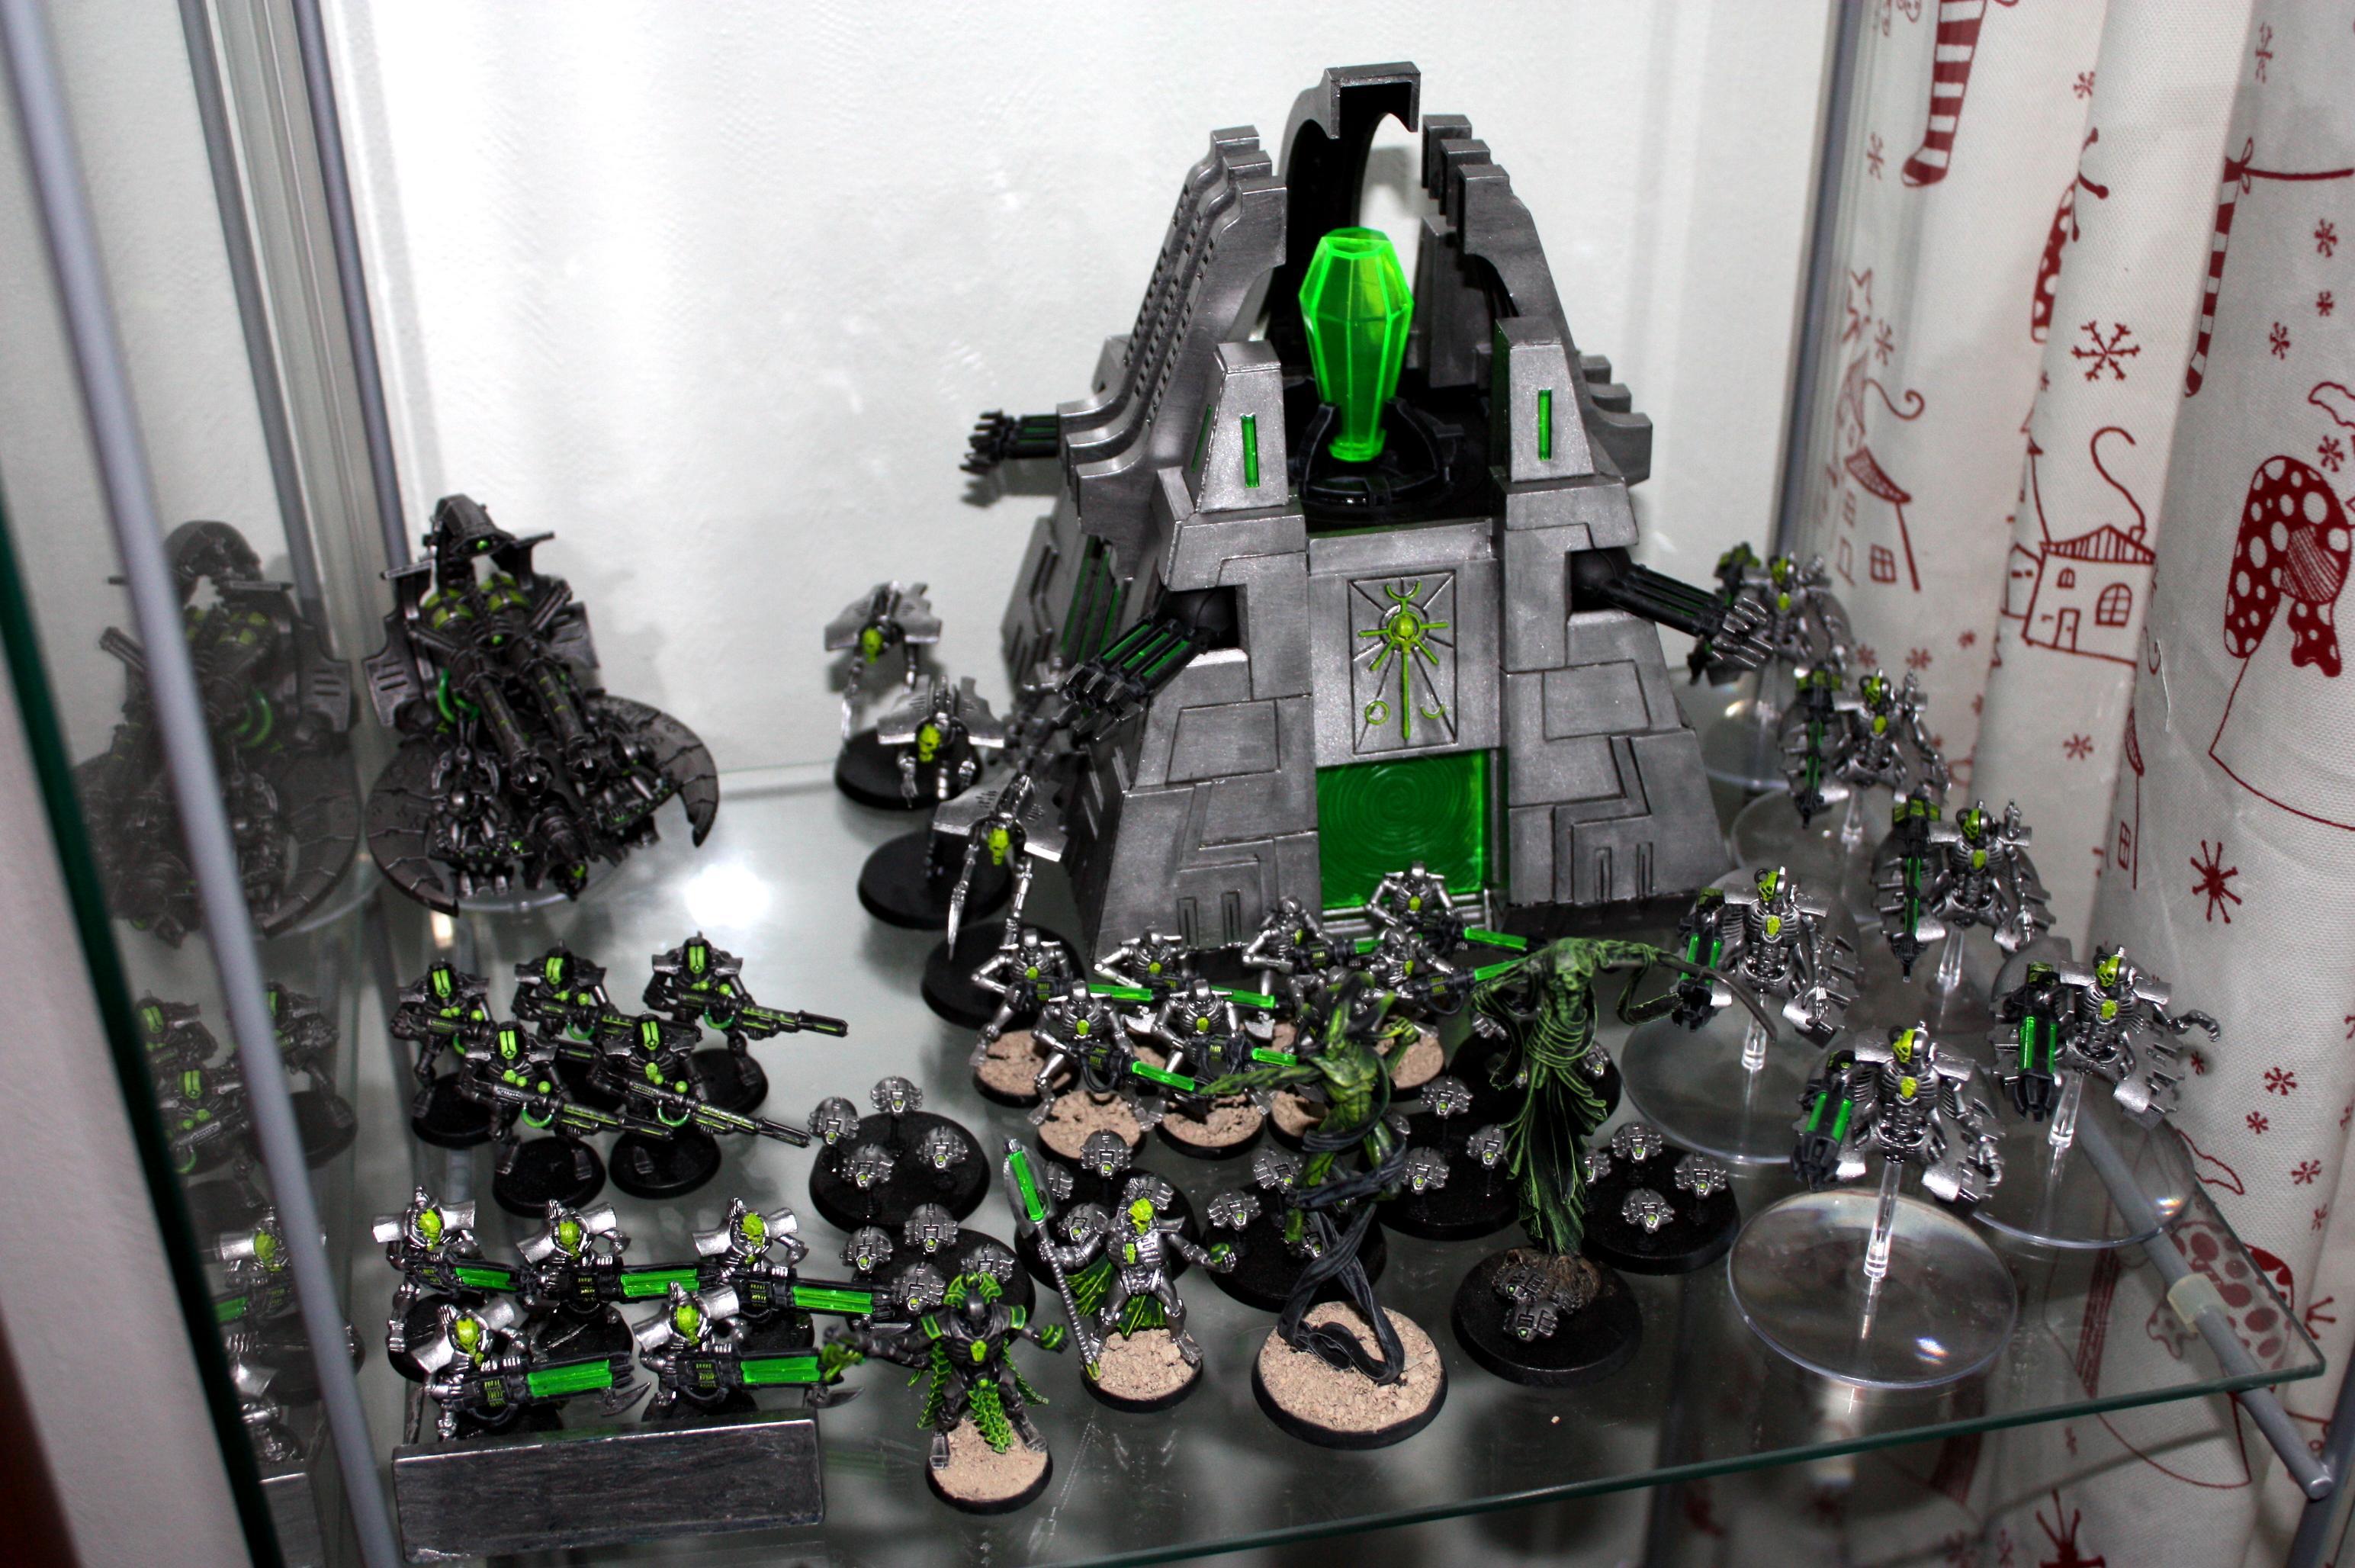 Army, Necrons, Warhammer 40,000, Warhammer Fantasy